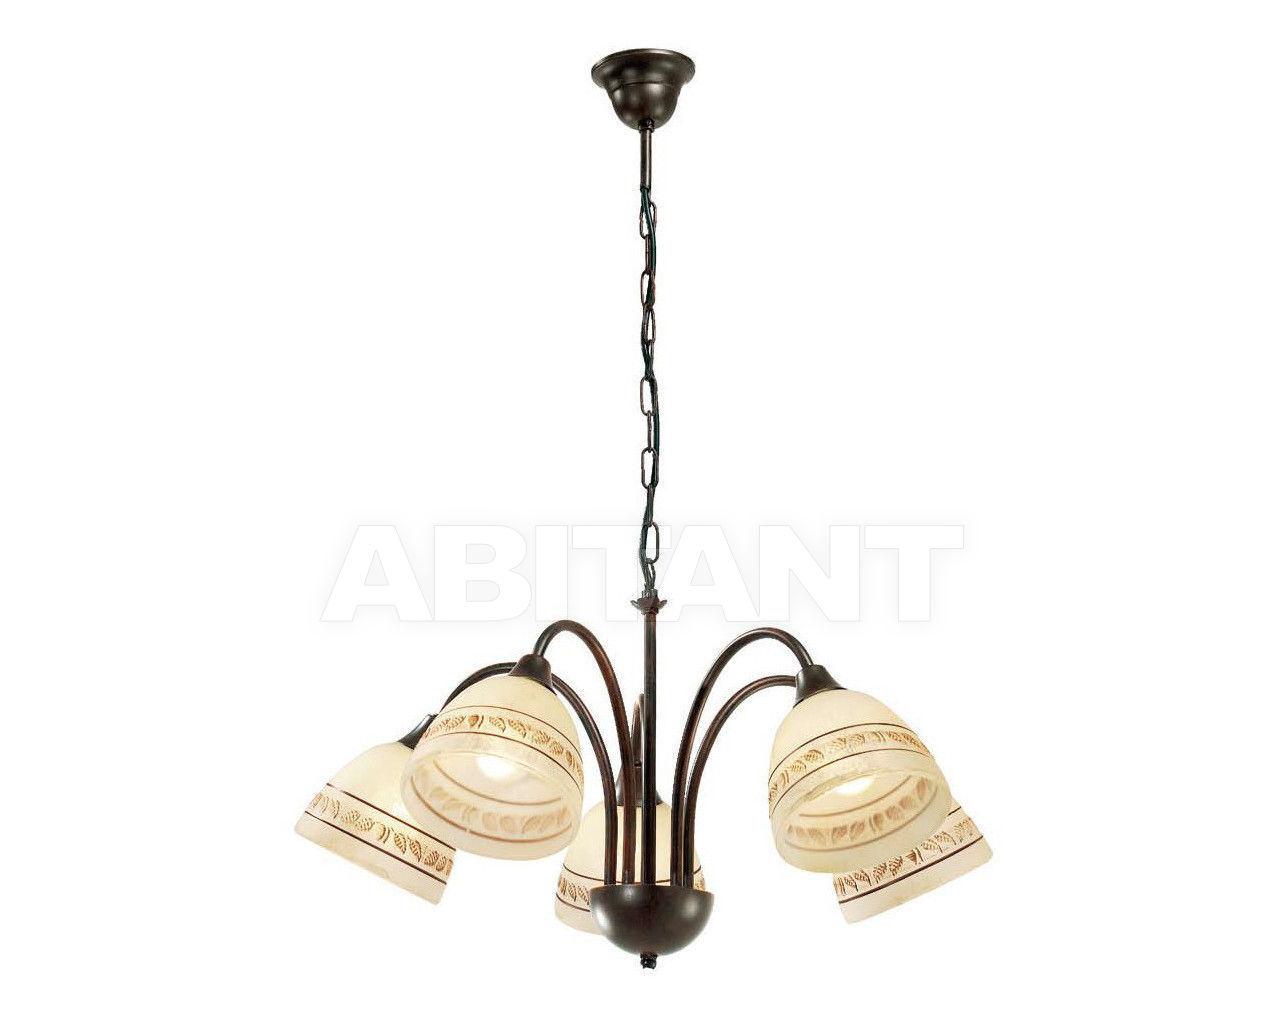 Купить Люстра Barrel Leonardo Luce Italia Interno Decorativo 2296/S5